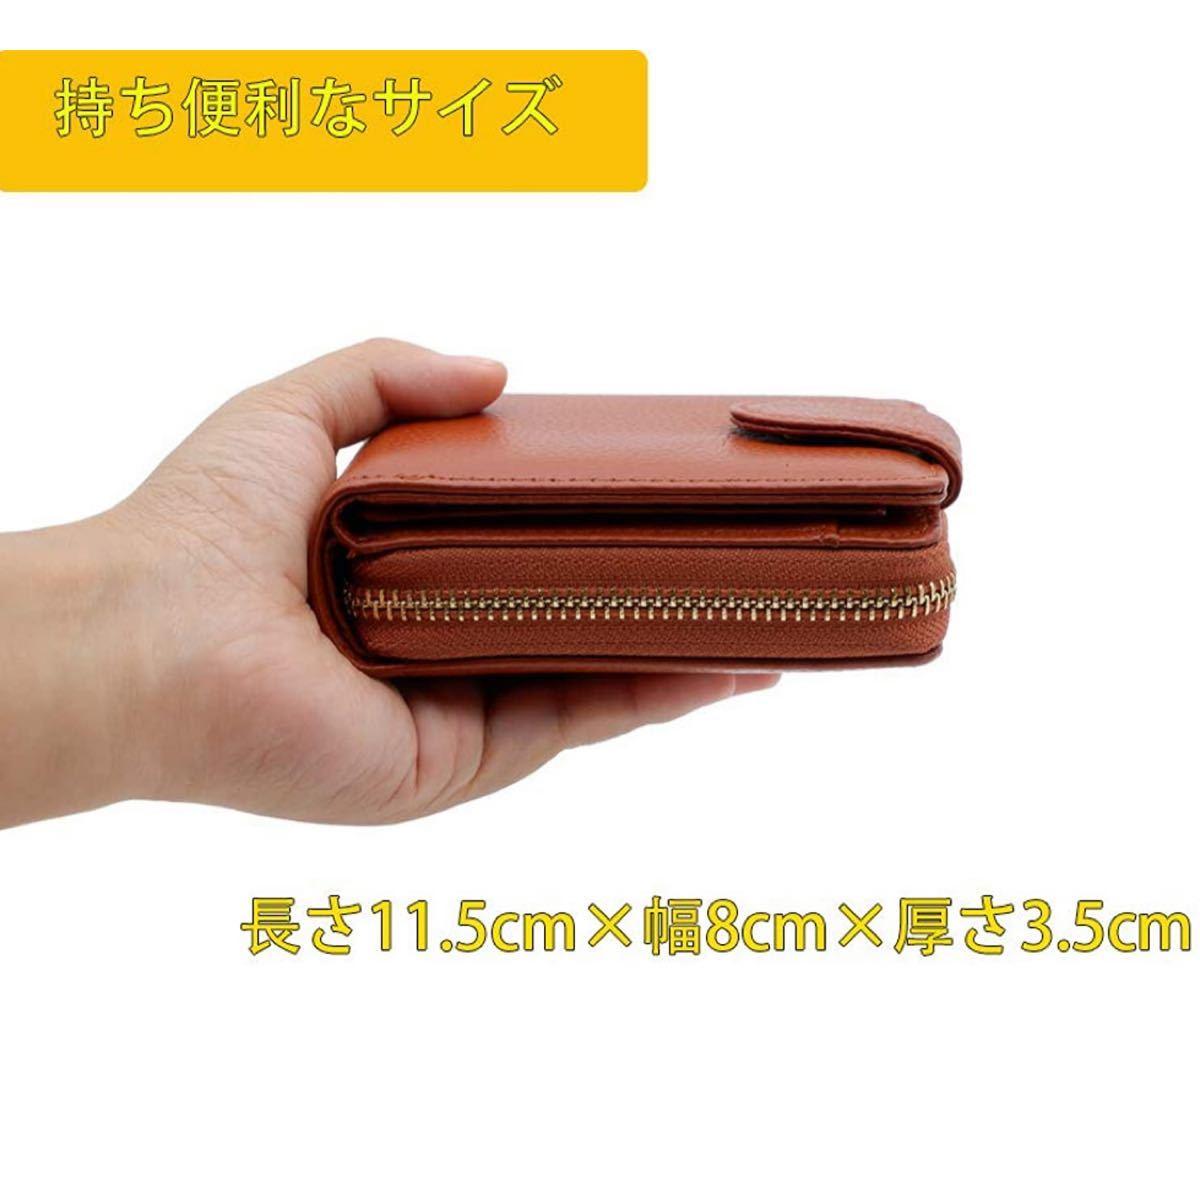 カードケース大容量 クレジットカードケース